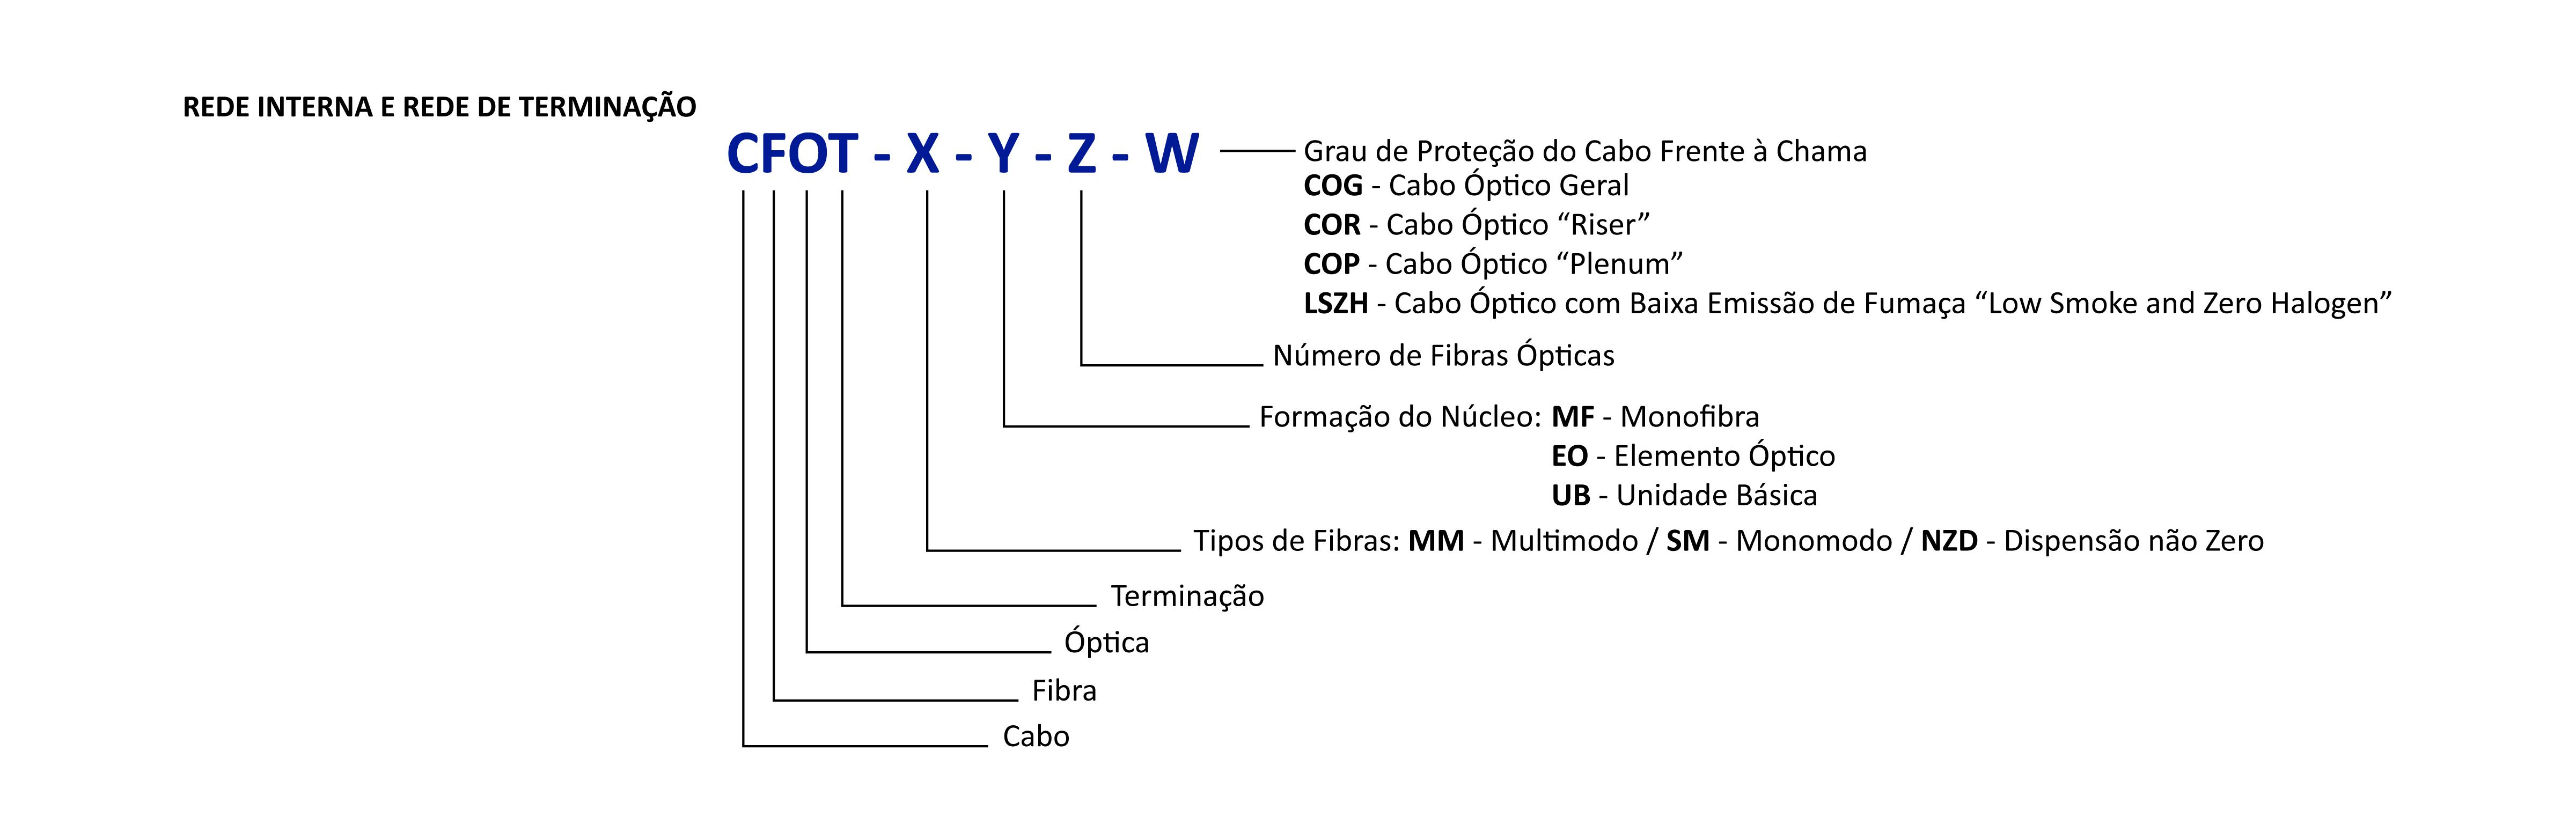 Abaixo algumas nomenclaturas gravadas em cabos internos e externos